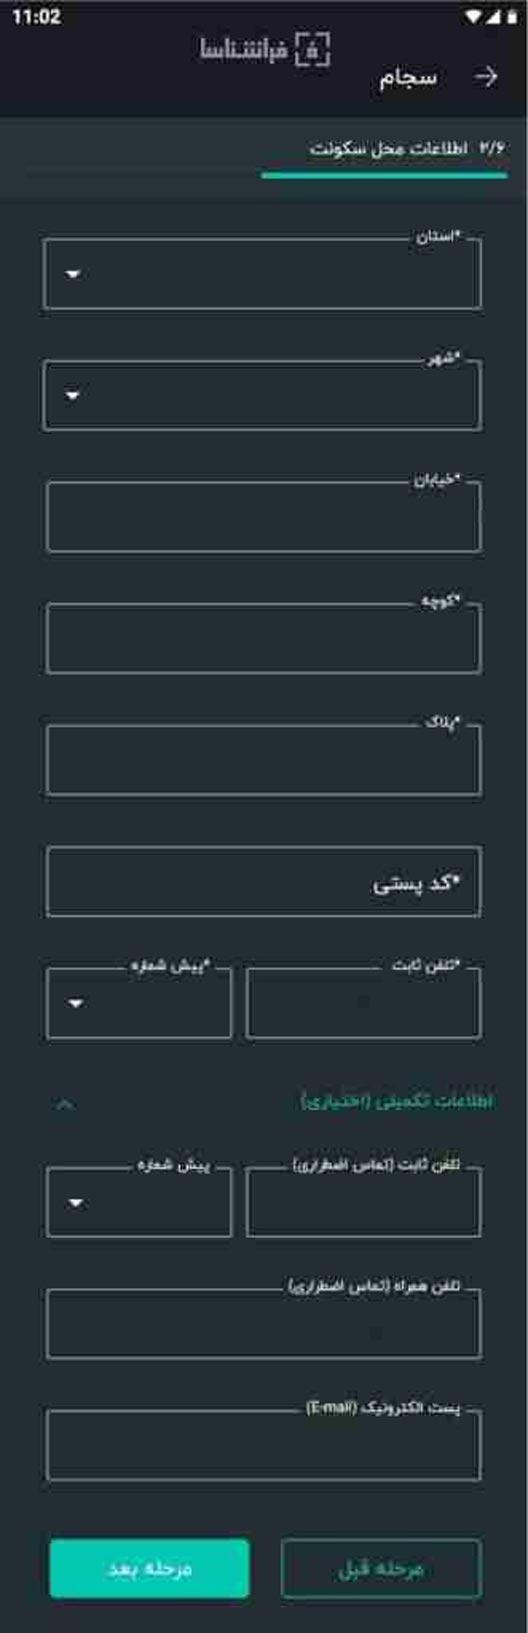 مراحل احراز هویت غیر حضوری سجام - اطلاعات محل سکونت